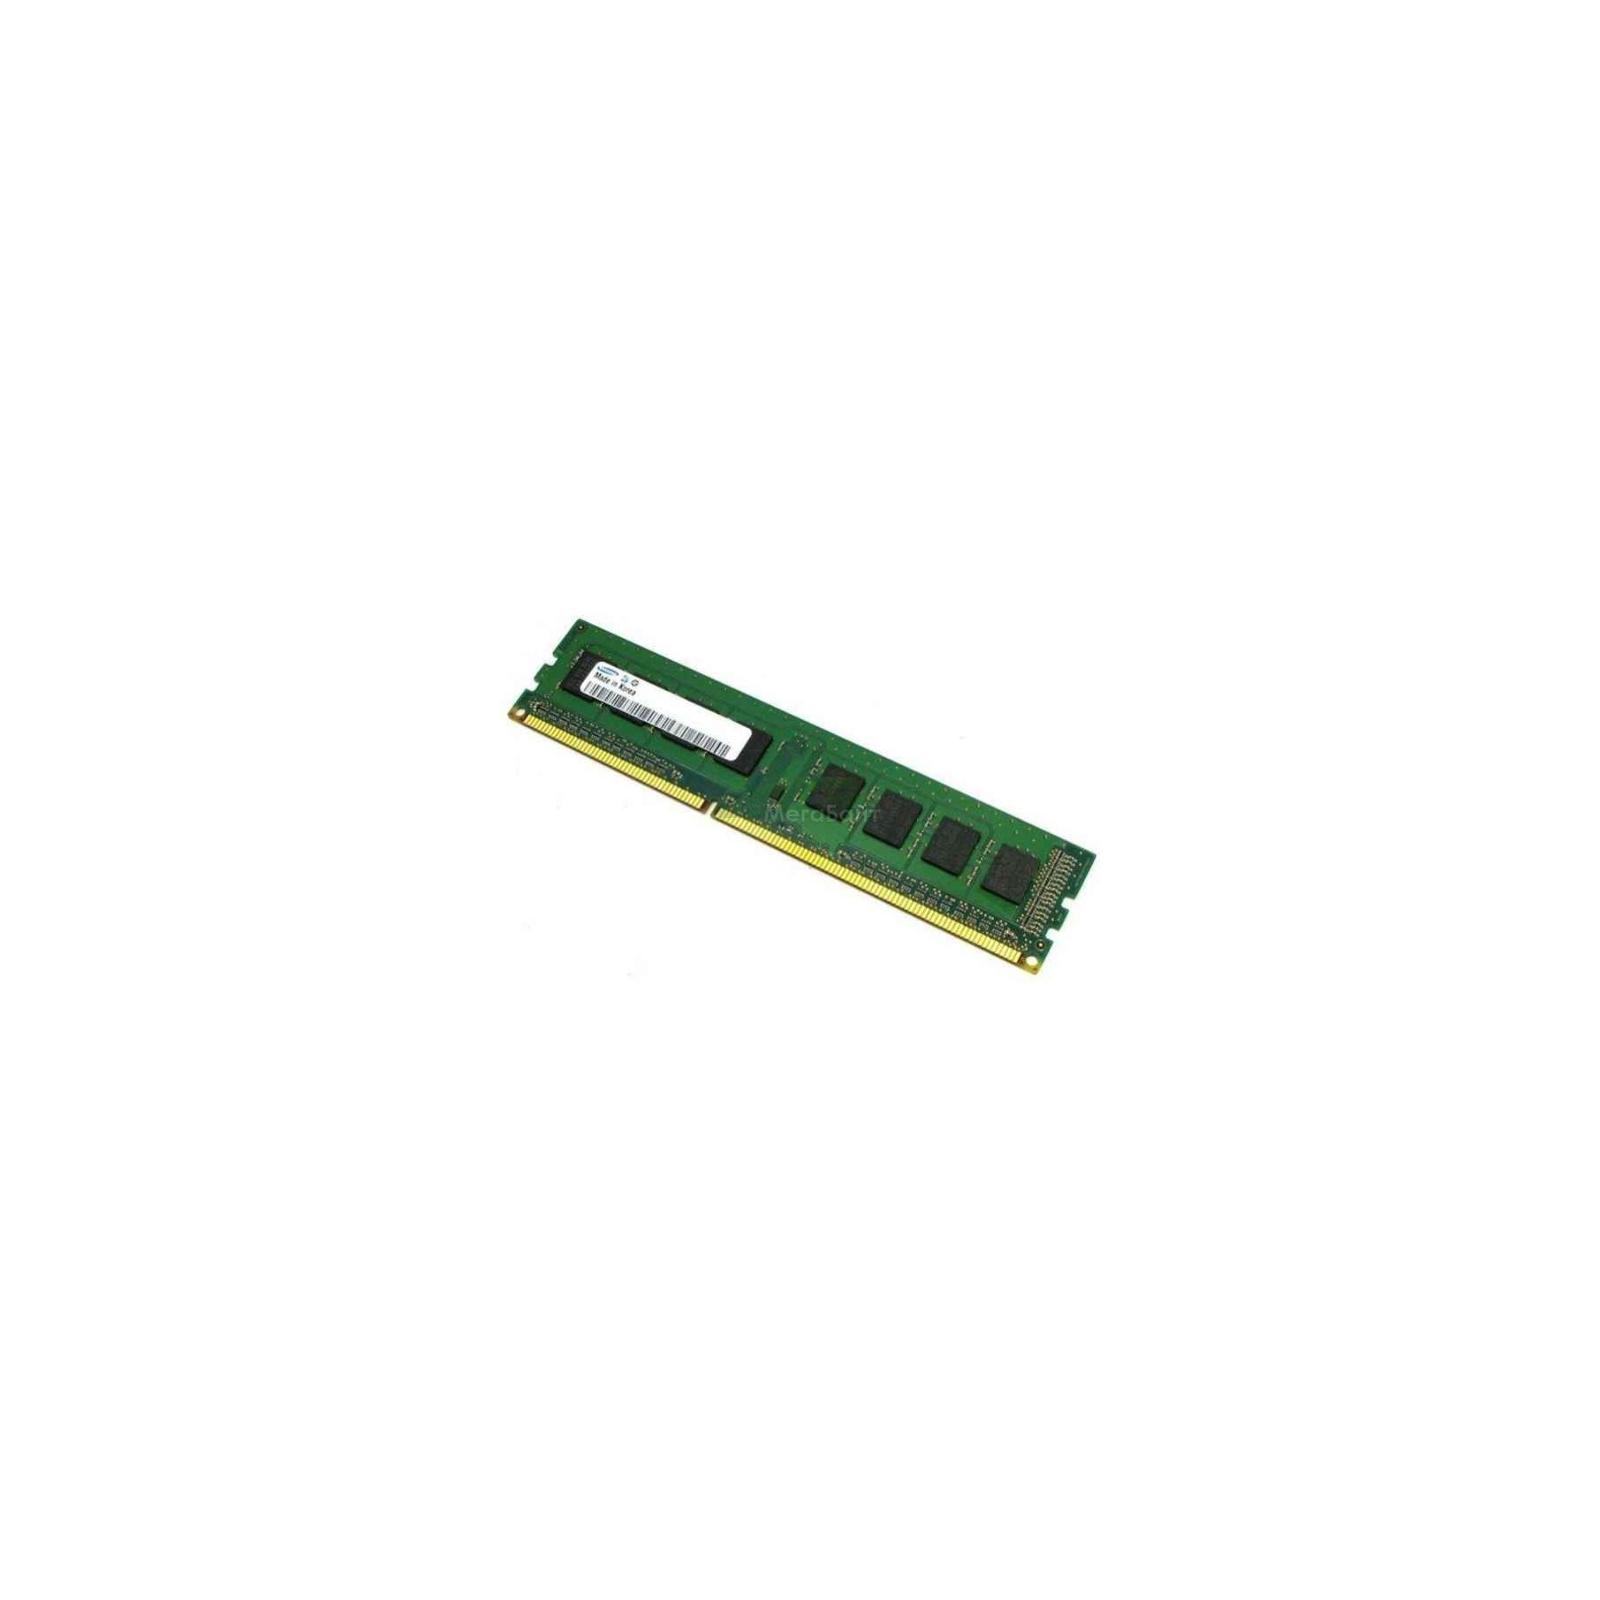 Модуль памяти для компьютера DDR3 2GB 1600 MHz Samsung (2/1600sam3rd)